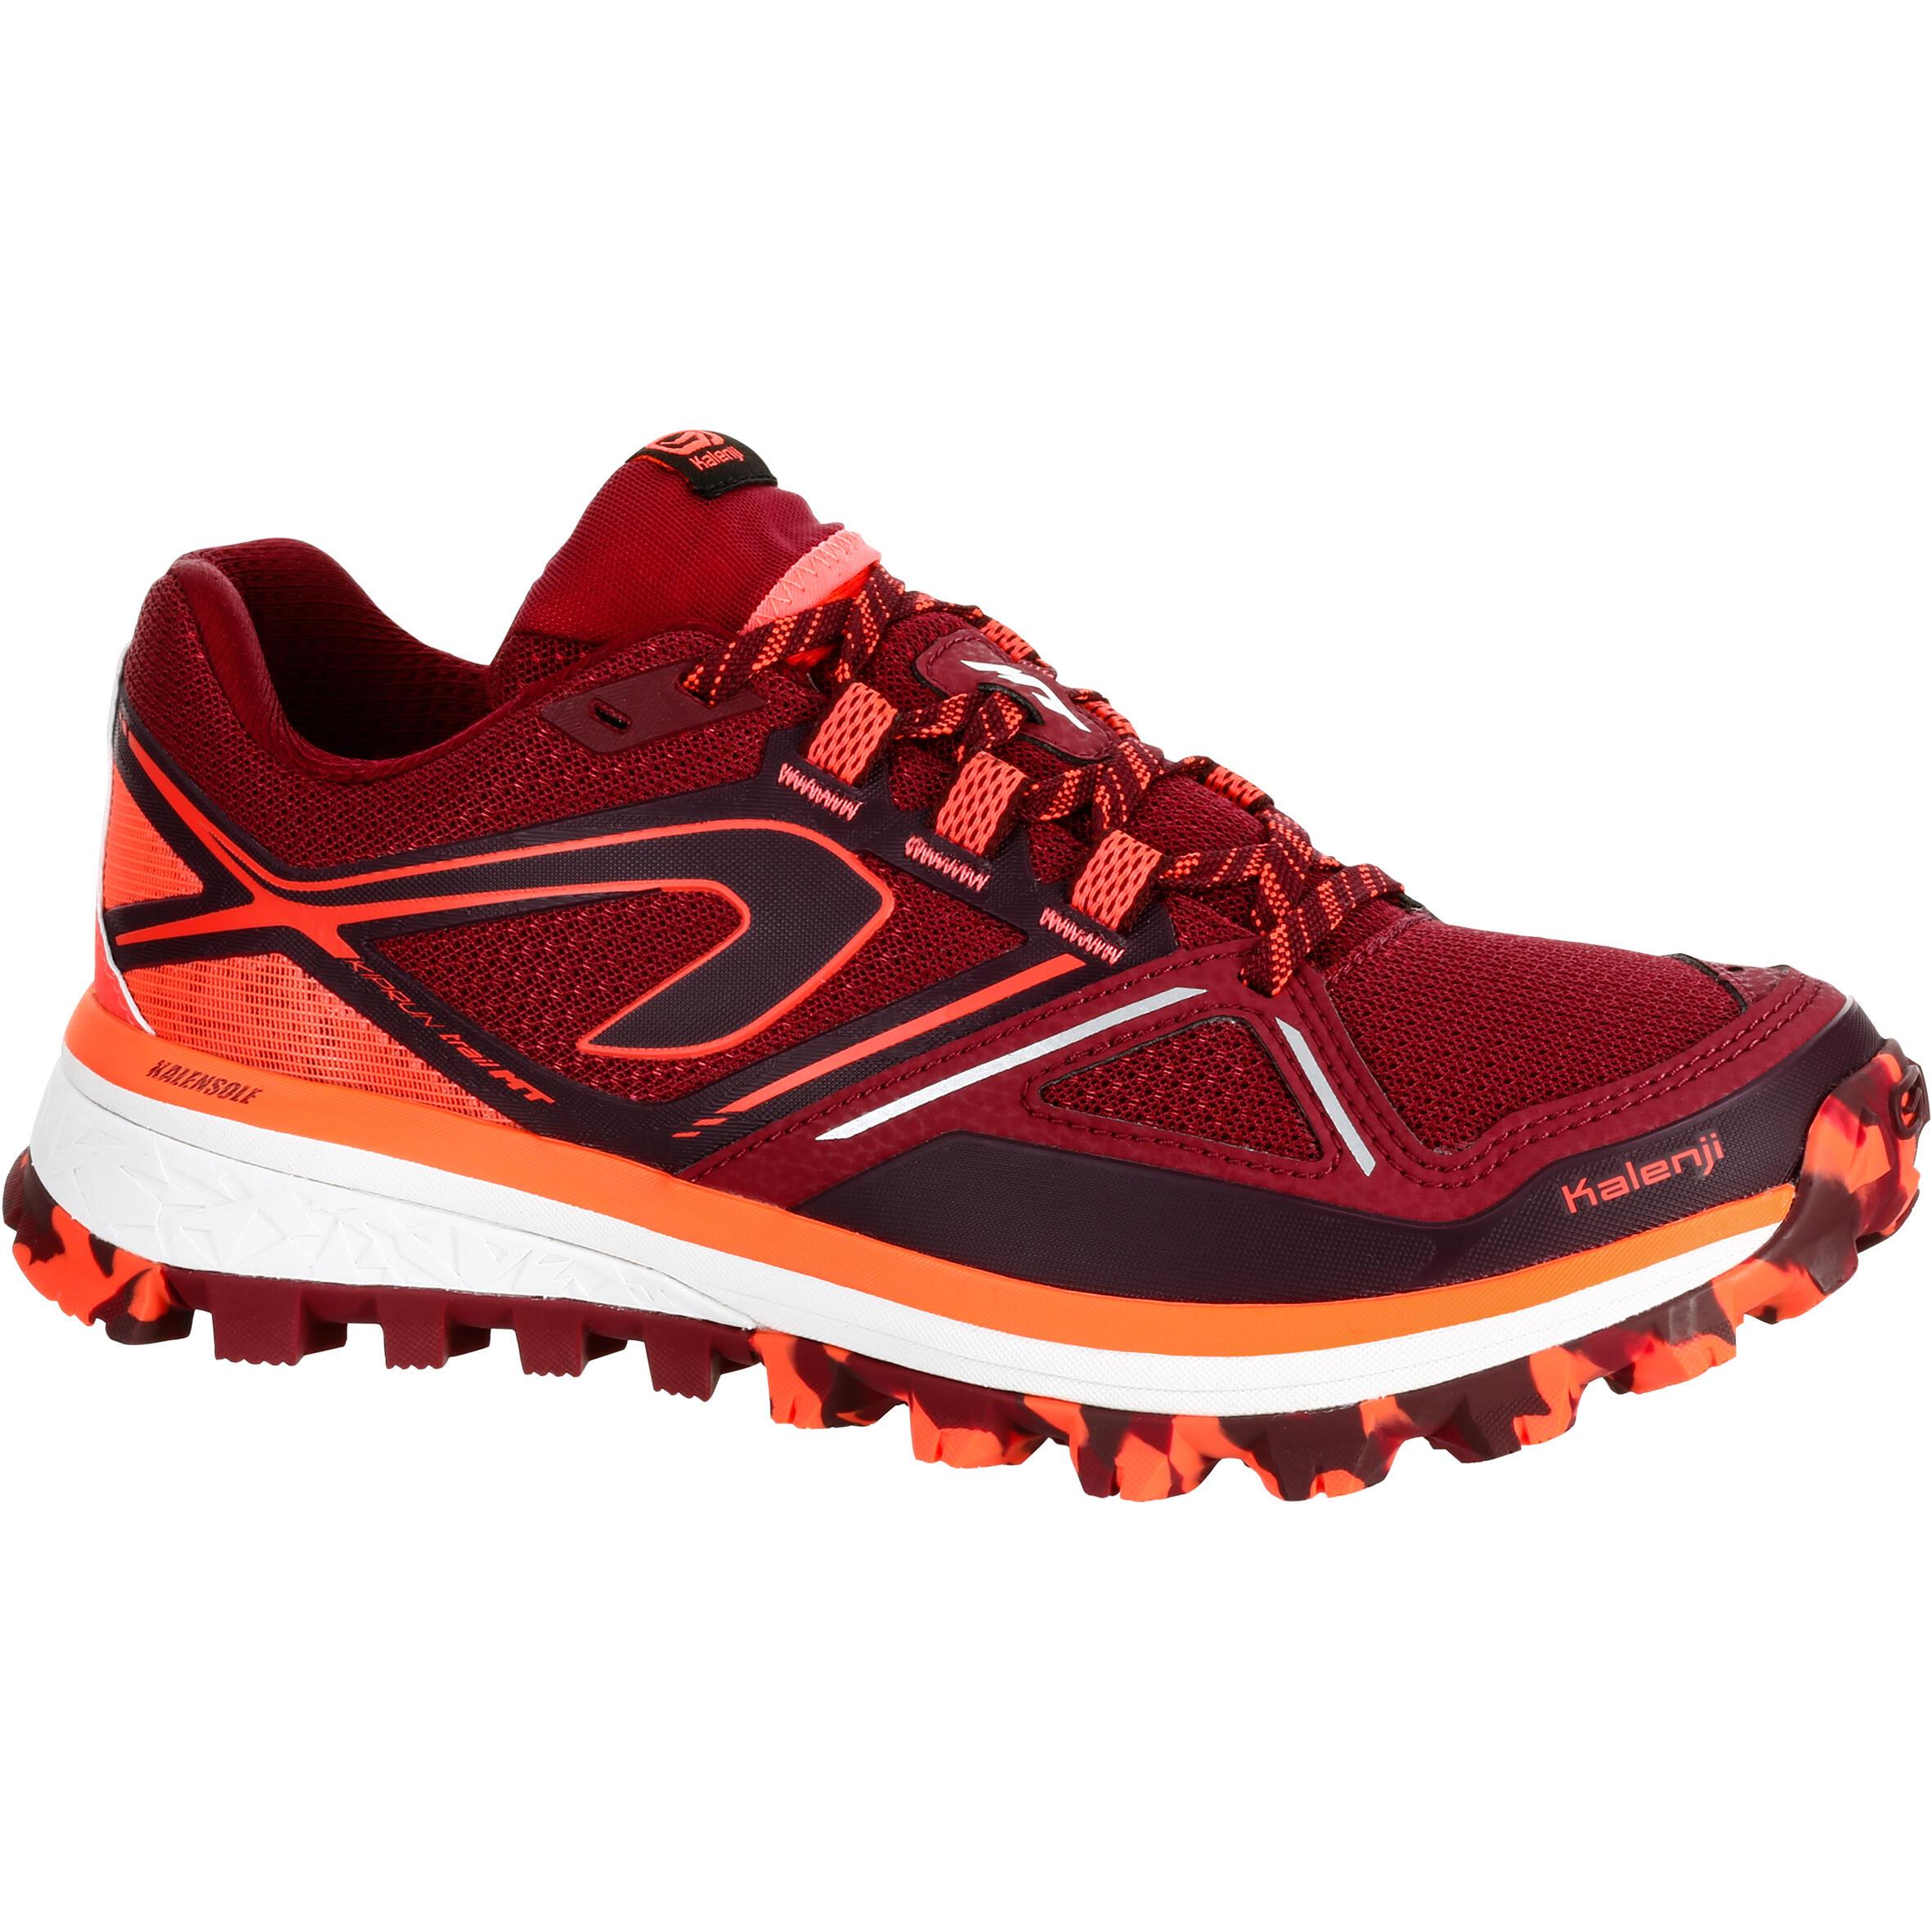 2501074 Kalenji Trailschoenen voor dames Kiprun Trail MT bordeaux